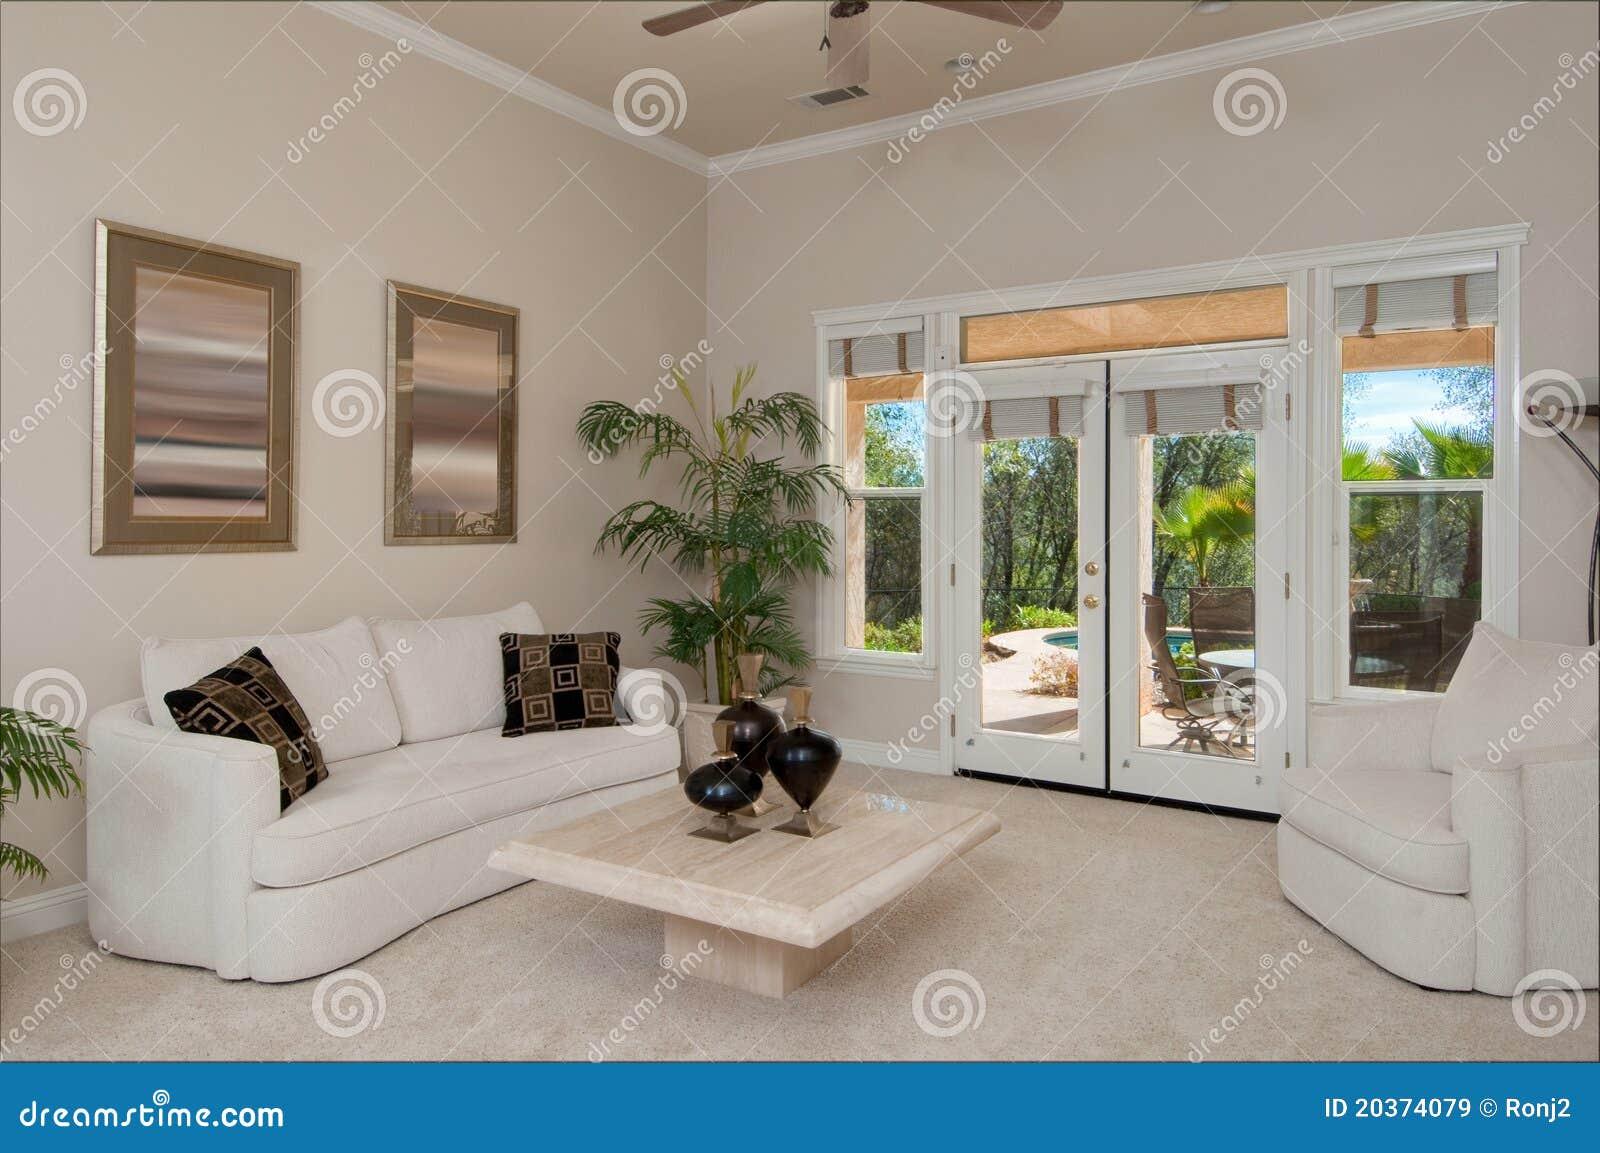 kleines wohnzimmer #2 lizenzfreie stockbilder - bild: 20374079, Moderne deko